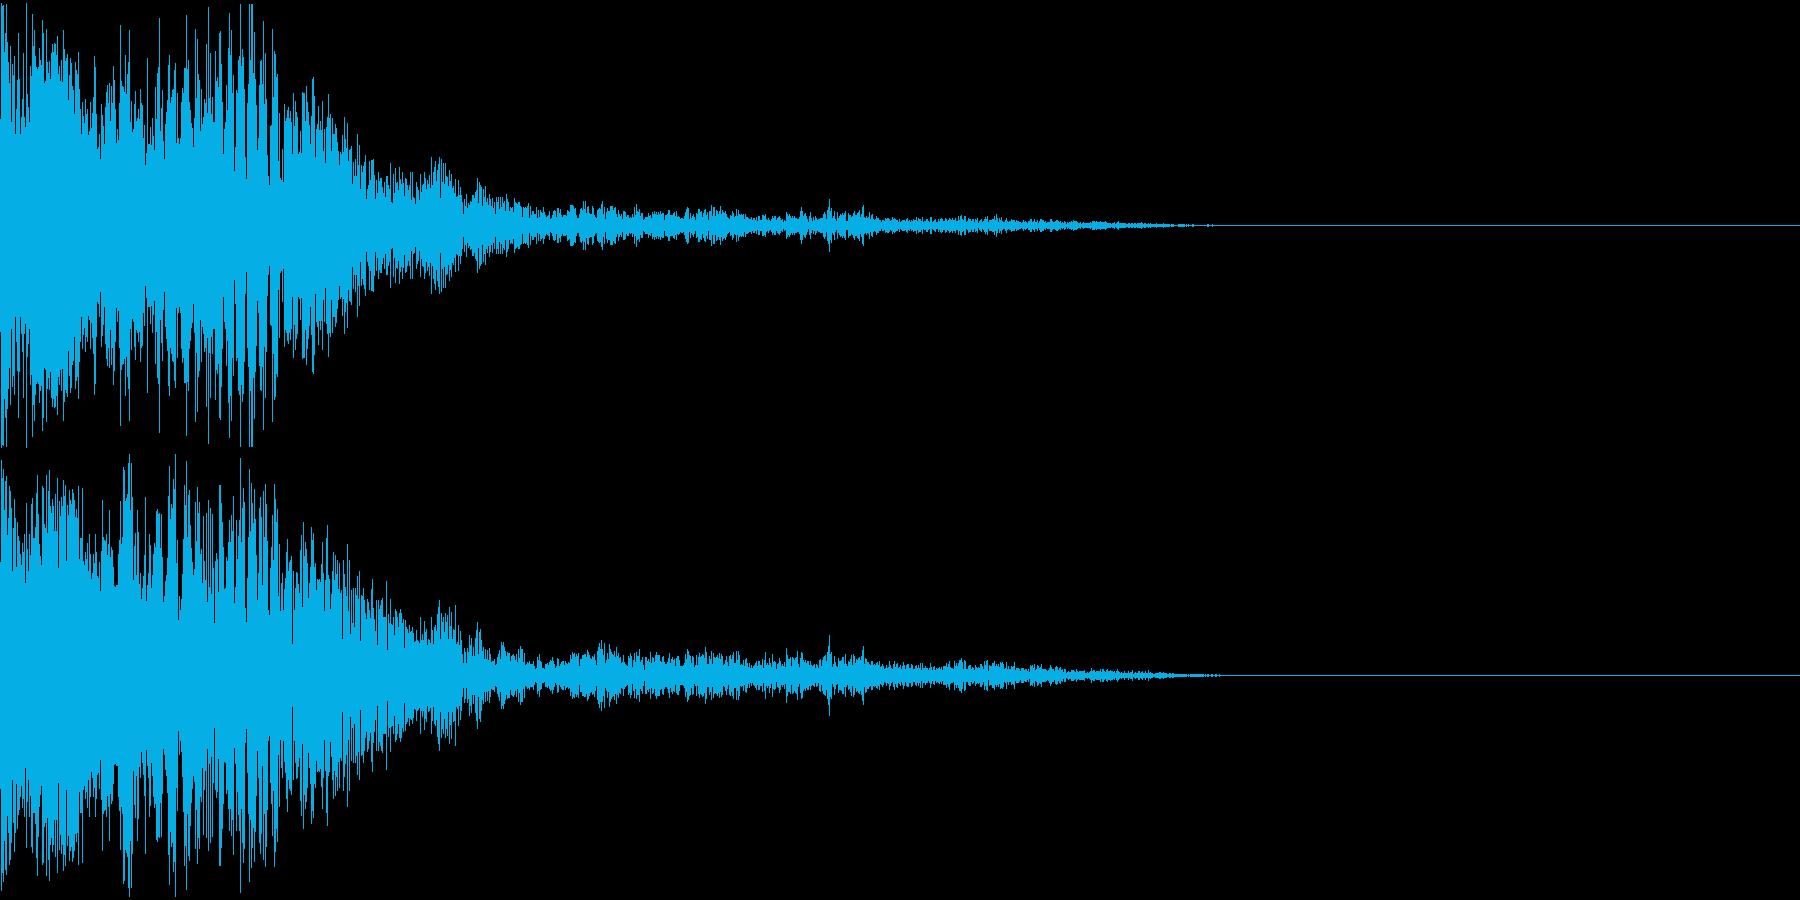 爆発 ドカーン ドーン 衝撃 機械的14の再生済みの波形